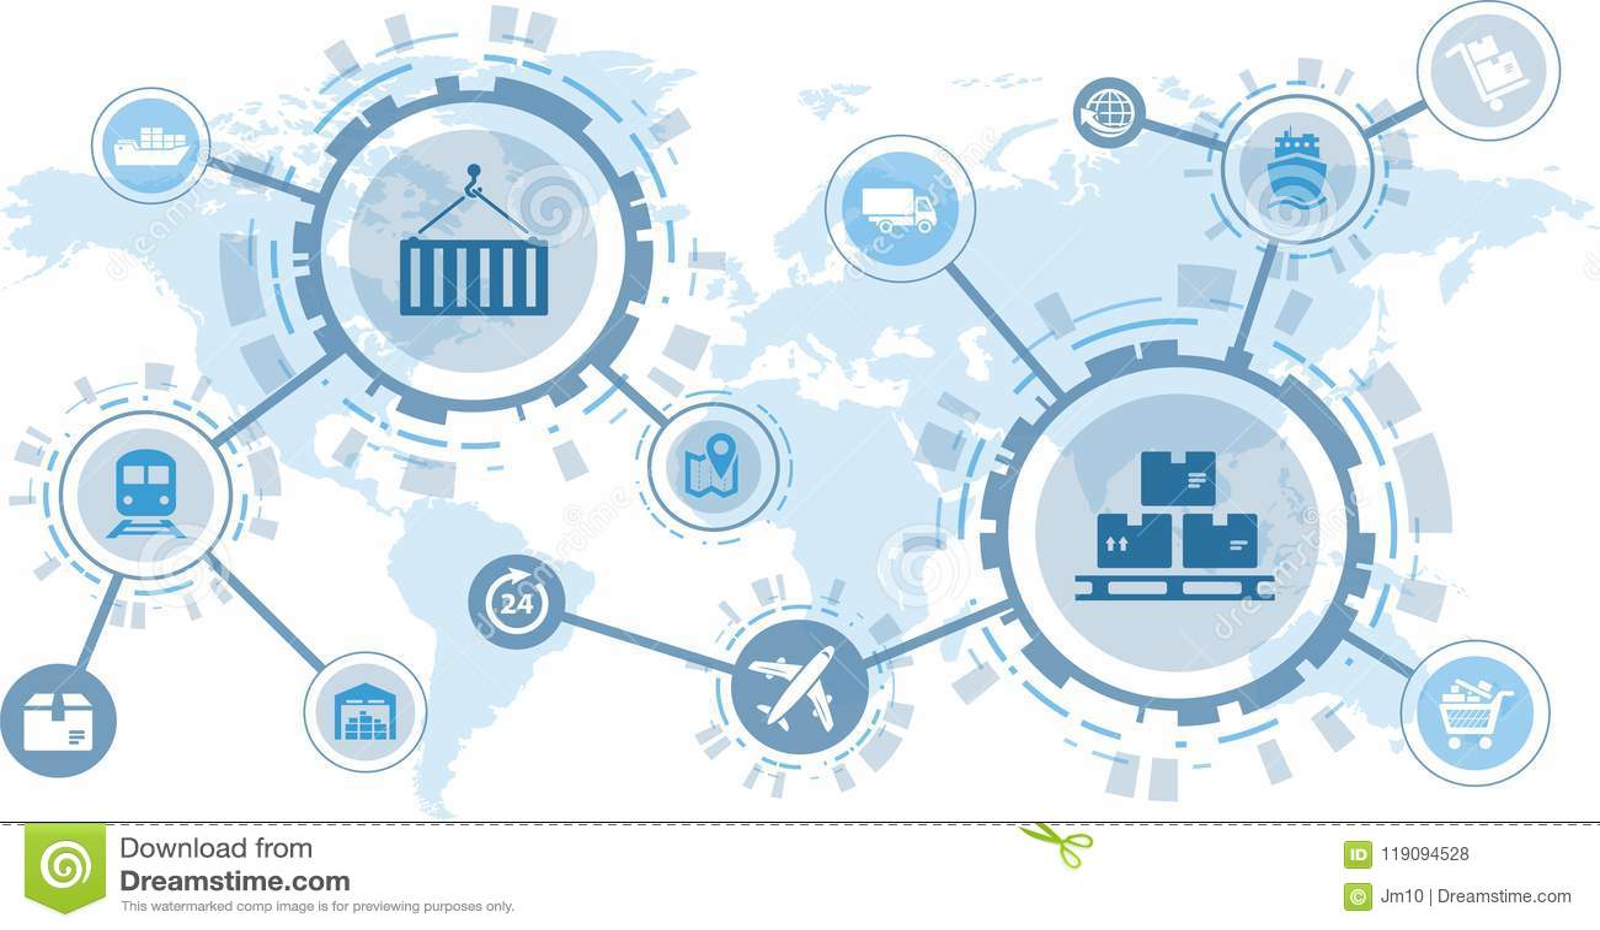 物品现代后勤学/供应链管理/交付-例证